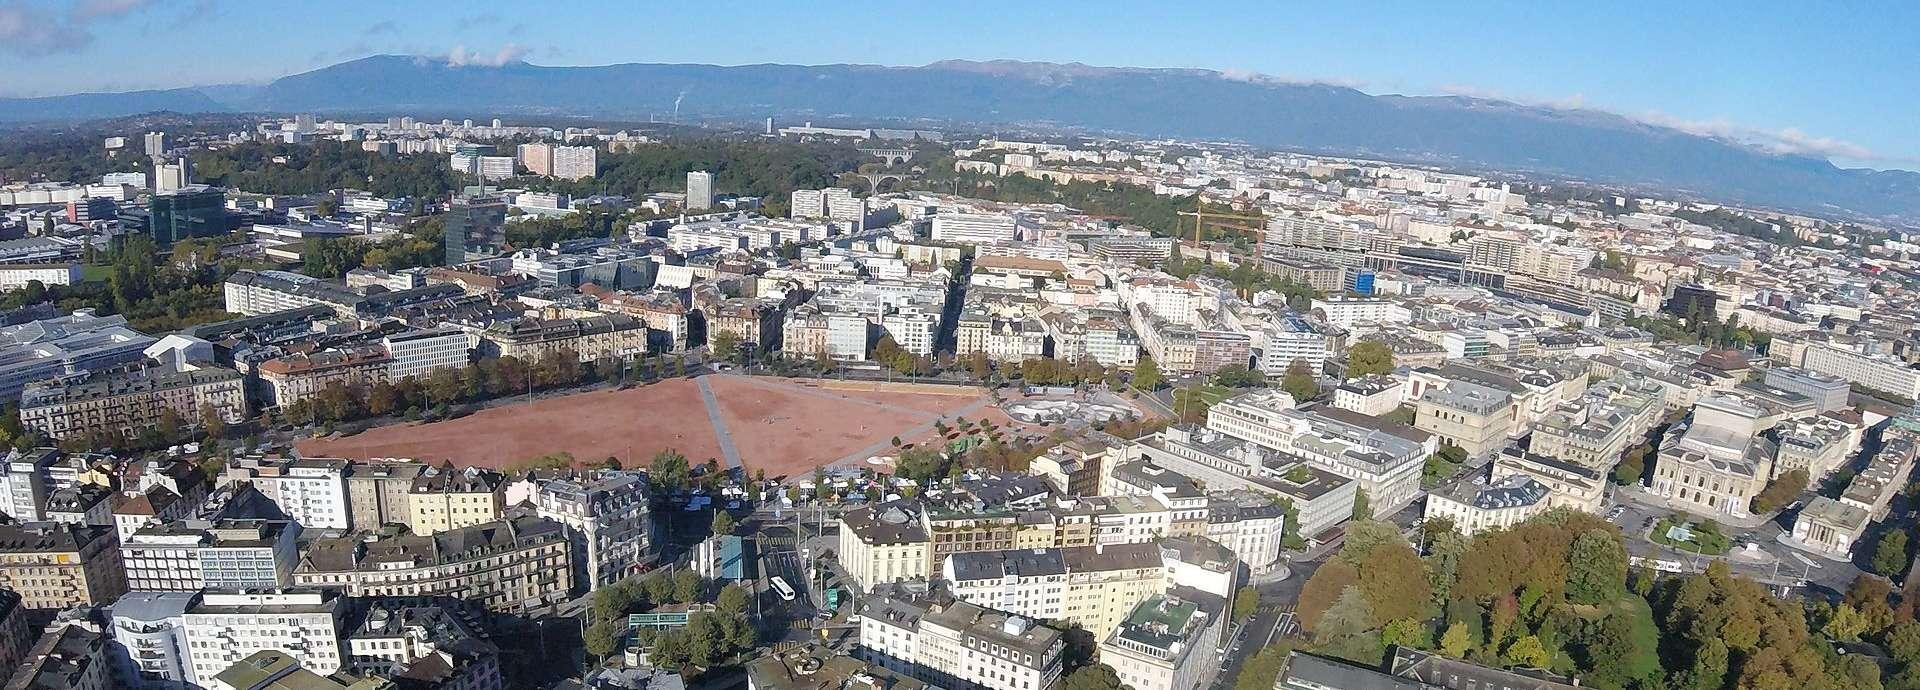 agence-immobiliere-plainpalais-geneve-article-1